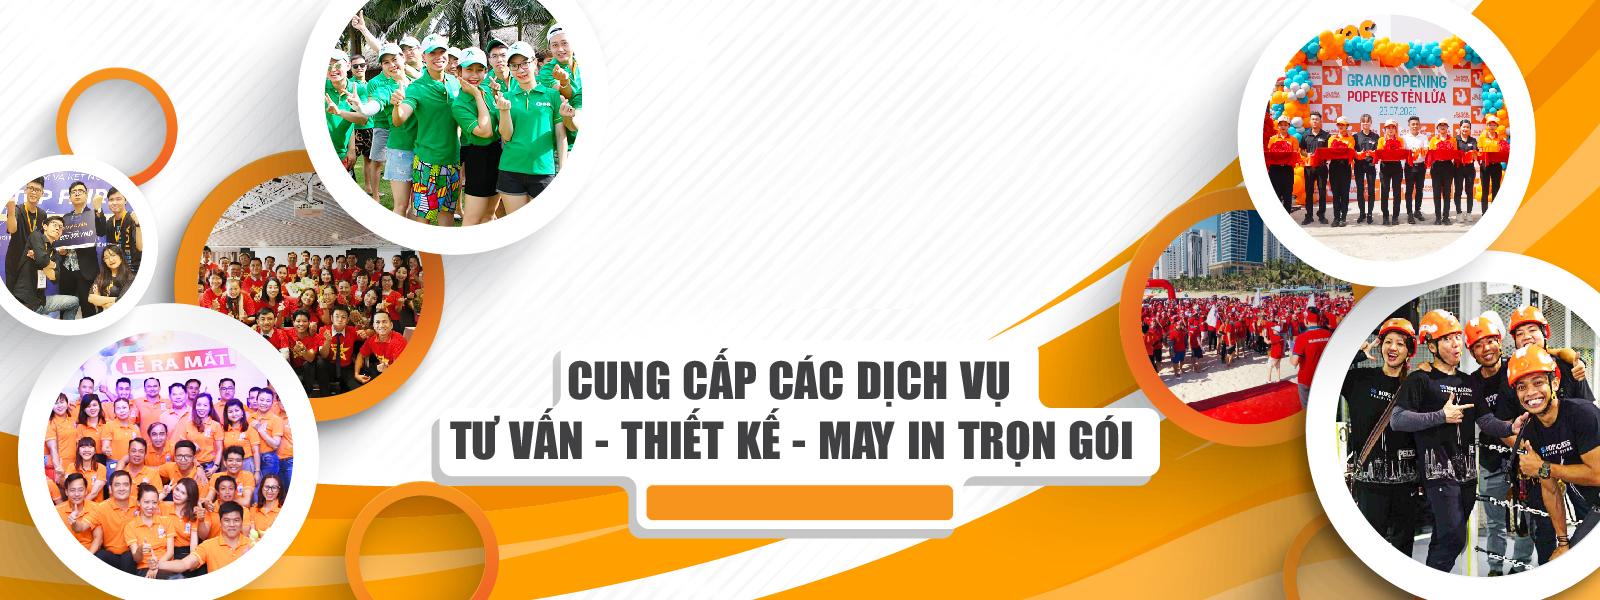 banner-khach-hang-ao-thun-dep-sg